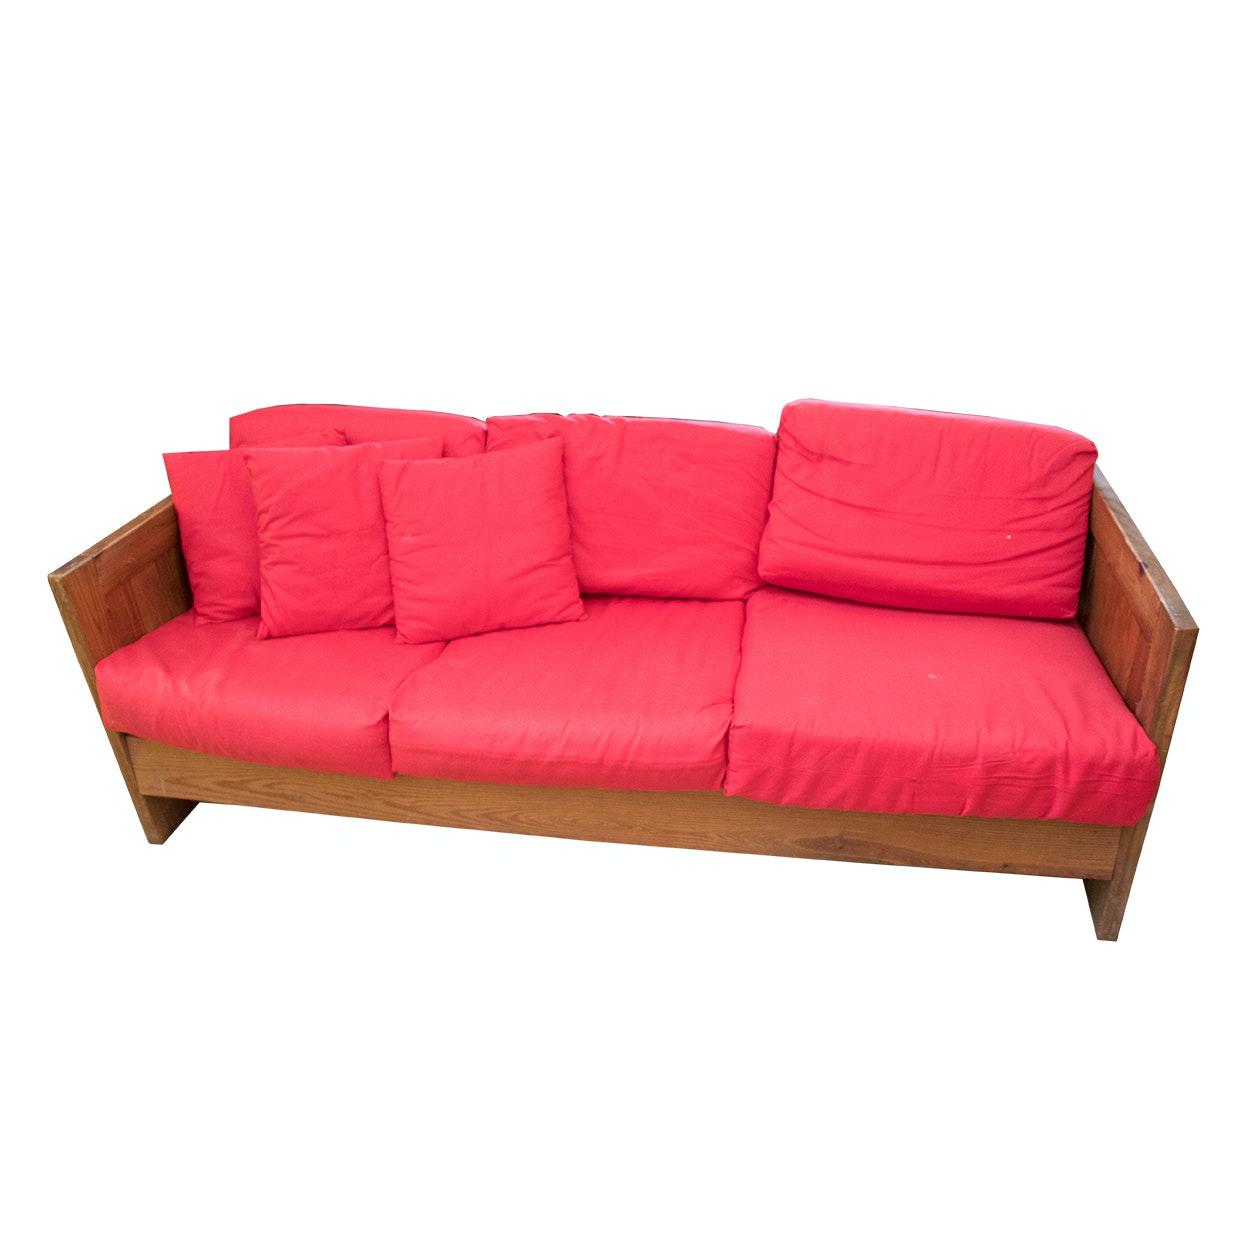 Vintage Wood-Framed Brady Sofa